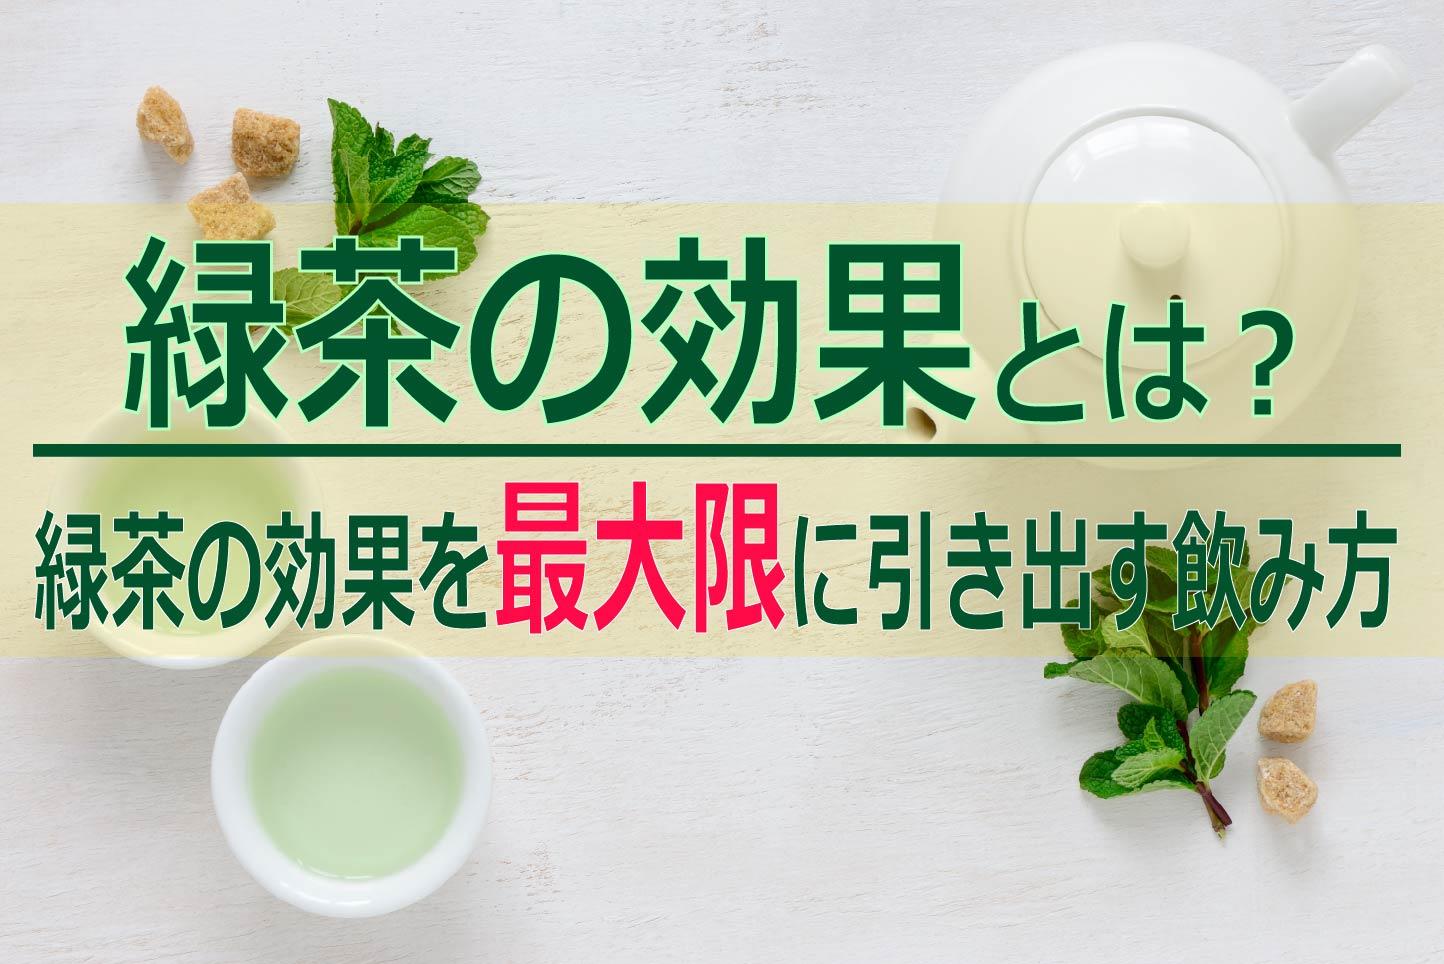 緑茶の効果やデメリットとは?緑茶の効果を最大限に引き出す飲み方